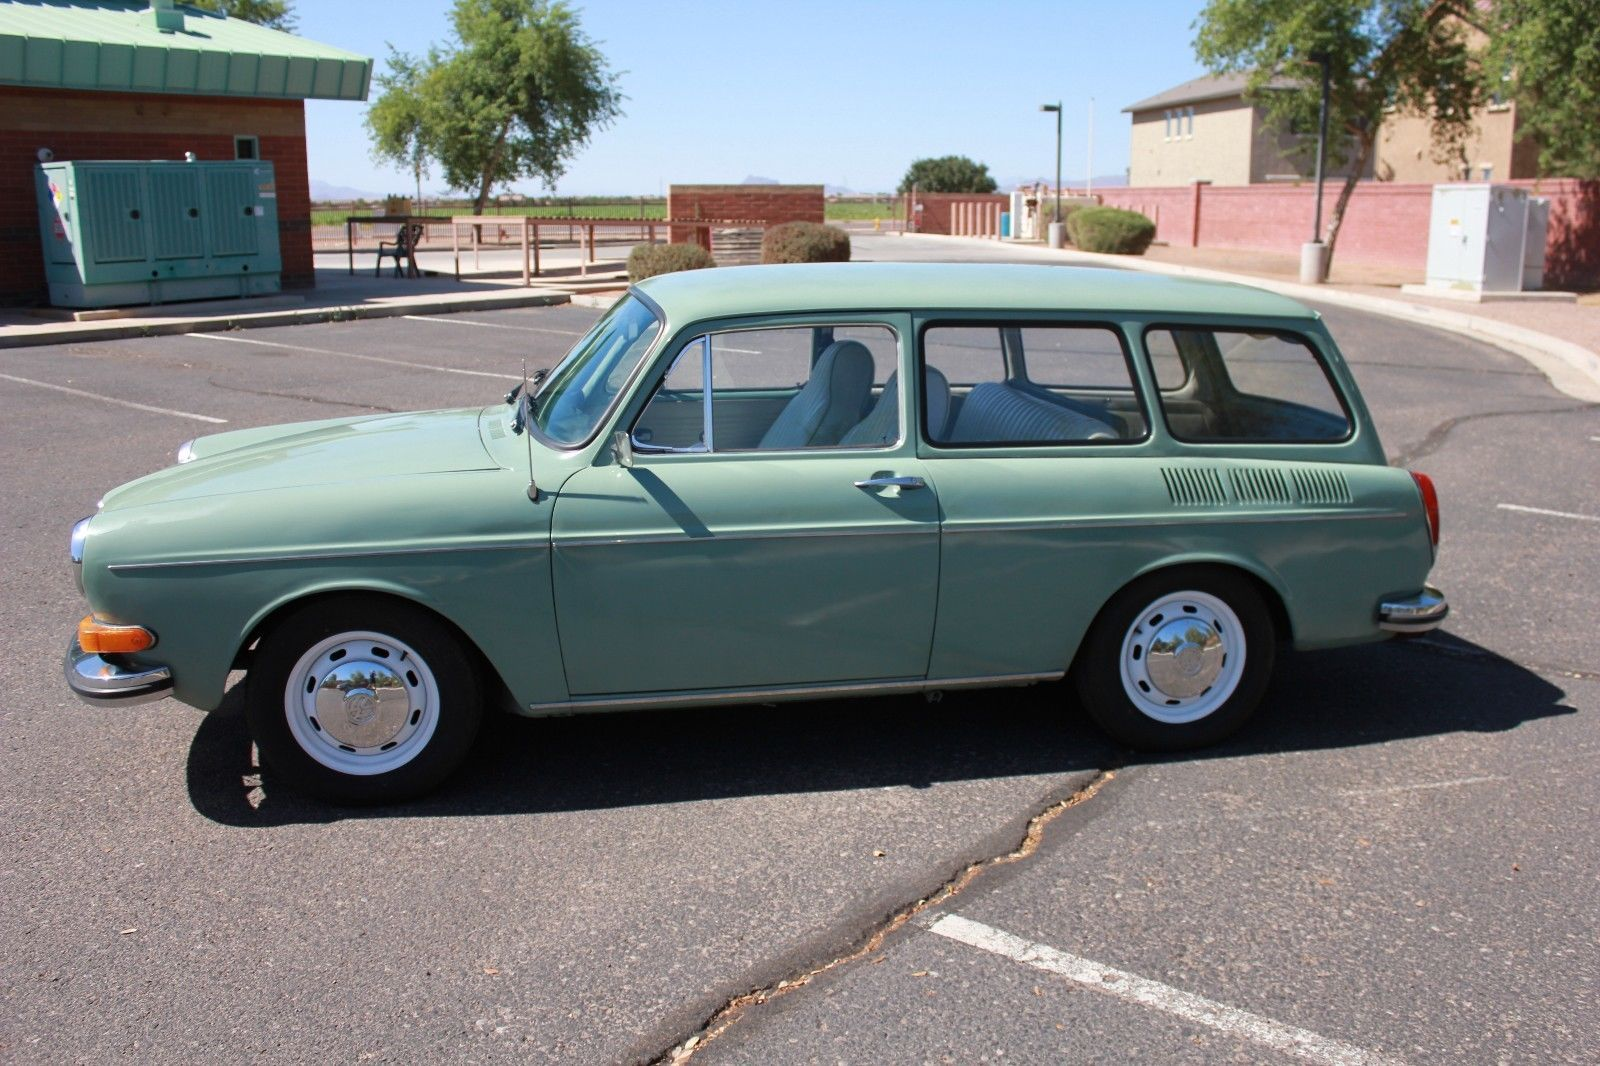 1971 Volkswagen Beetle Classic Volkswagen Type 3 Volkswagen Volkswagen Squareback